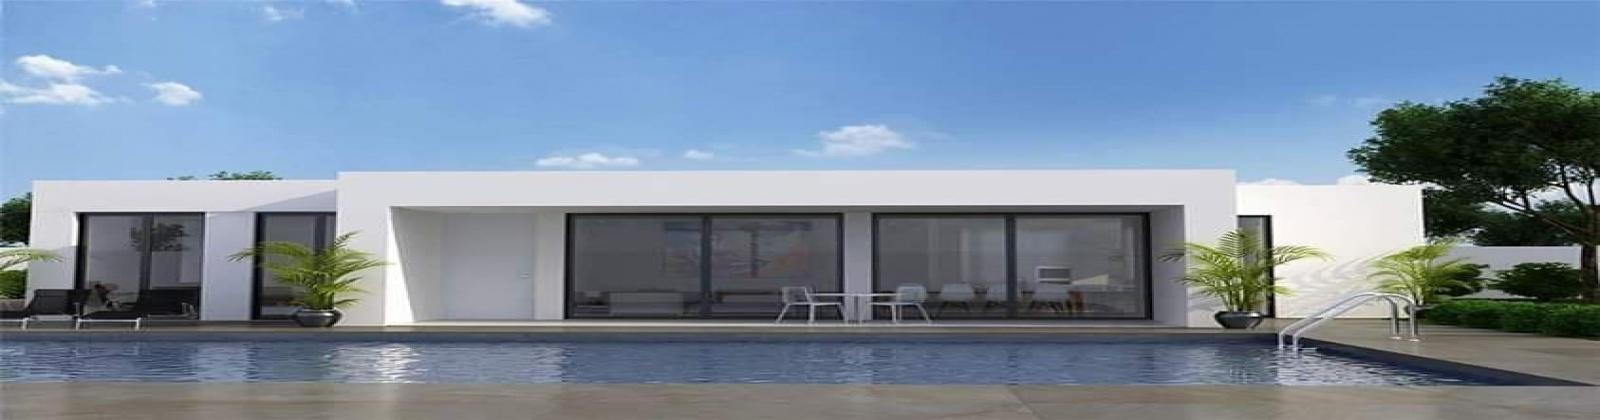 Konacık, Muğla 48400, 2 Bedrooms Bedrooms, ,1 BathroomBathrooms,Villa,For sale,Konacıkda Satılık Müdtakil Villa,2,1005